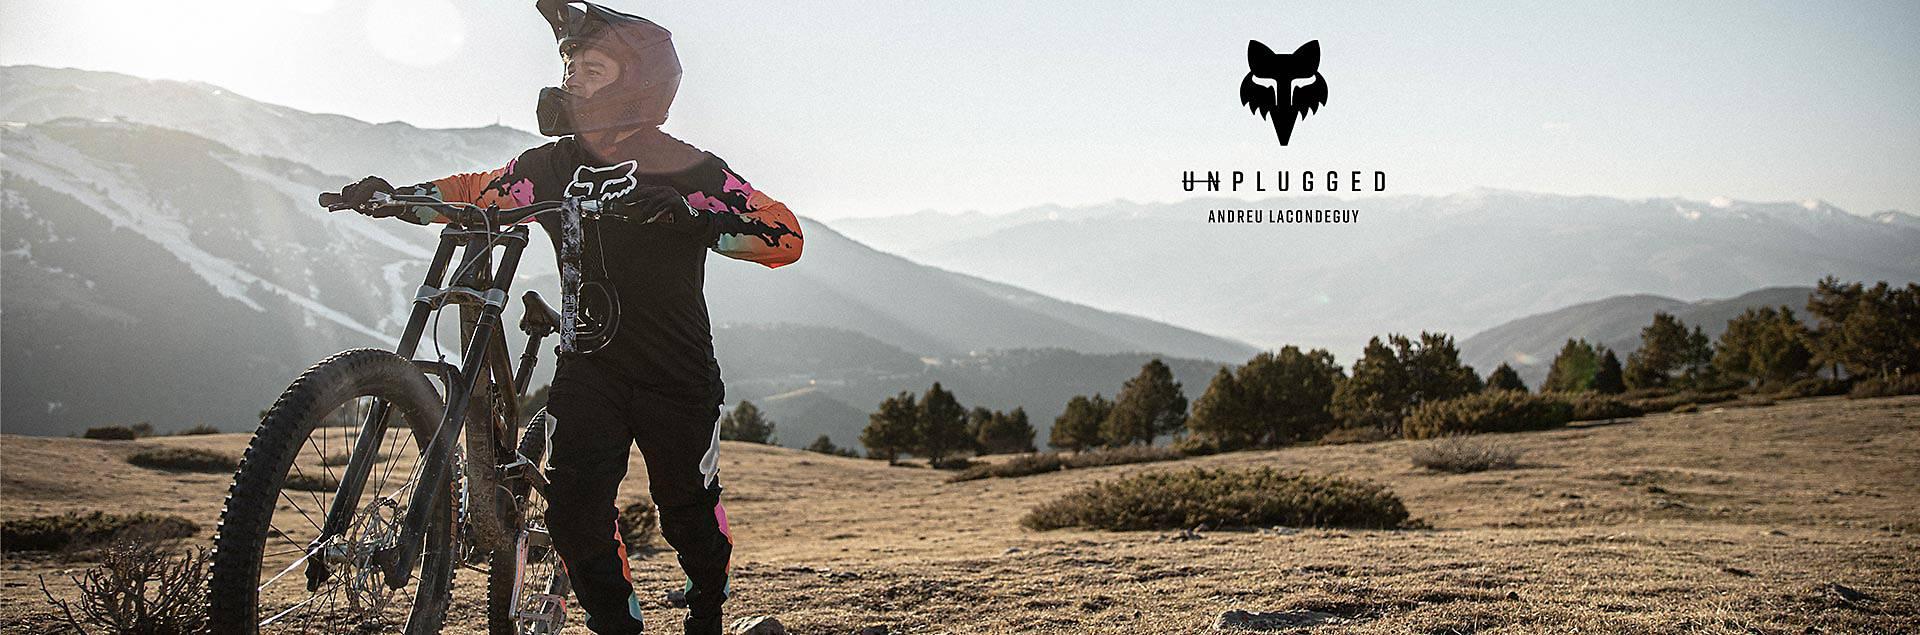 Fox MTB SP21 Unplugged Andreu Lacondeguy